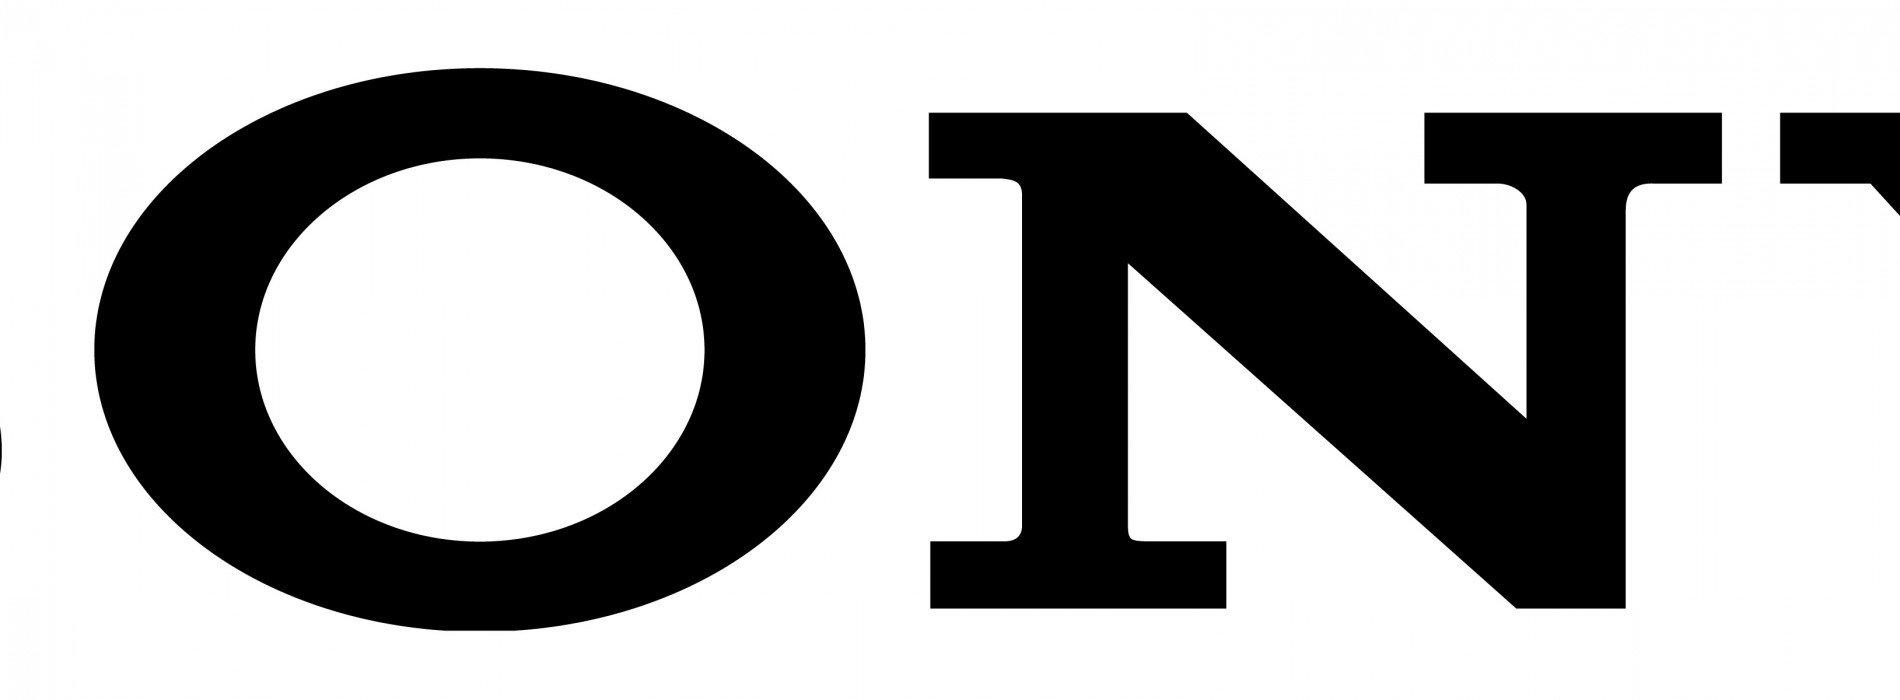 Sony Xperia Z leaked